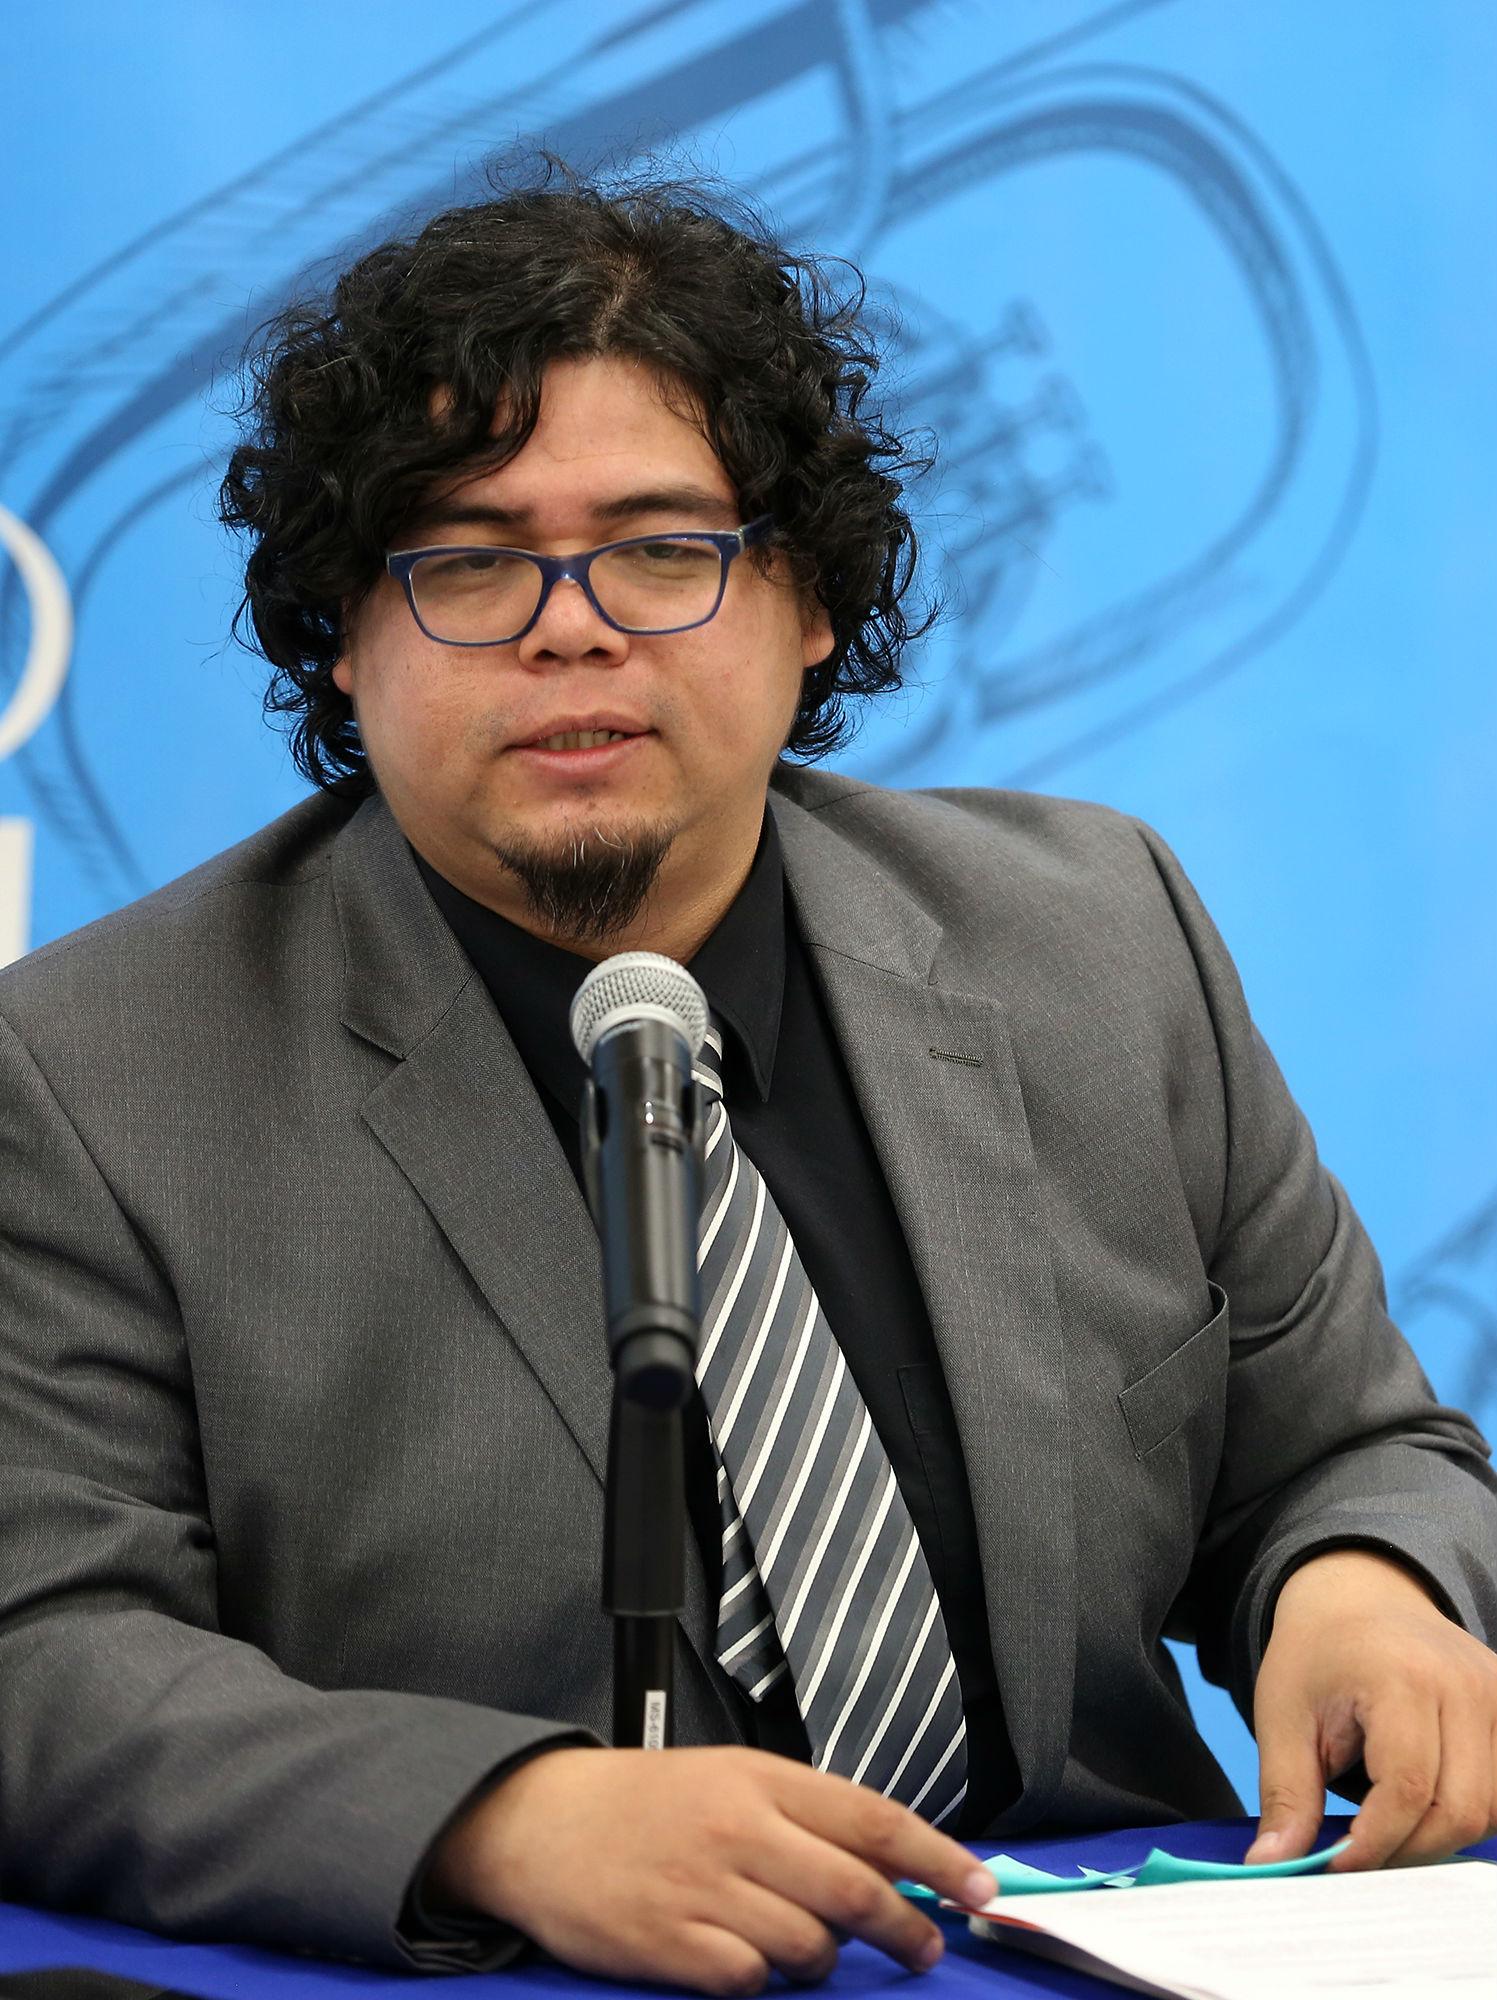 Antonio Ramos, director de Editorial Universitaria, informó que serán 22 eventos los que habrá con autores consolidados